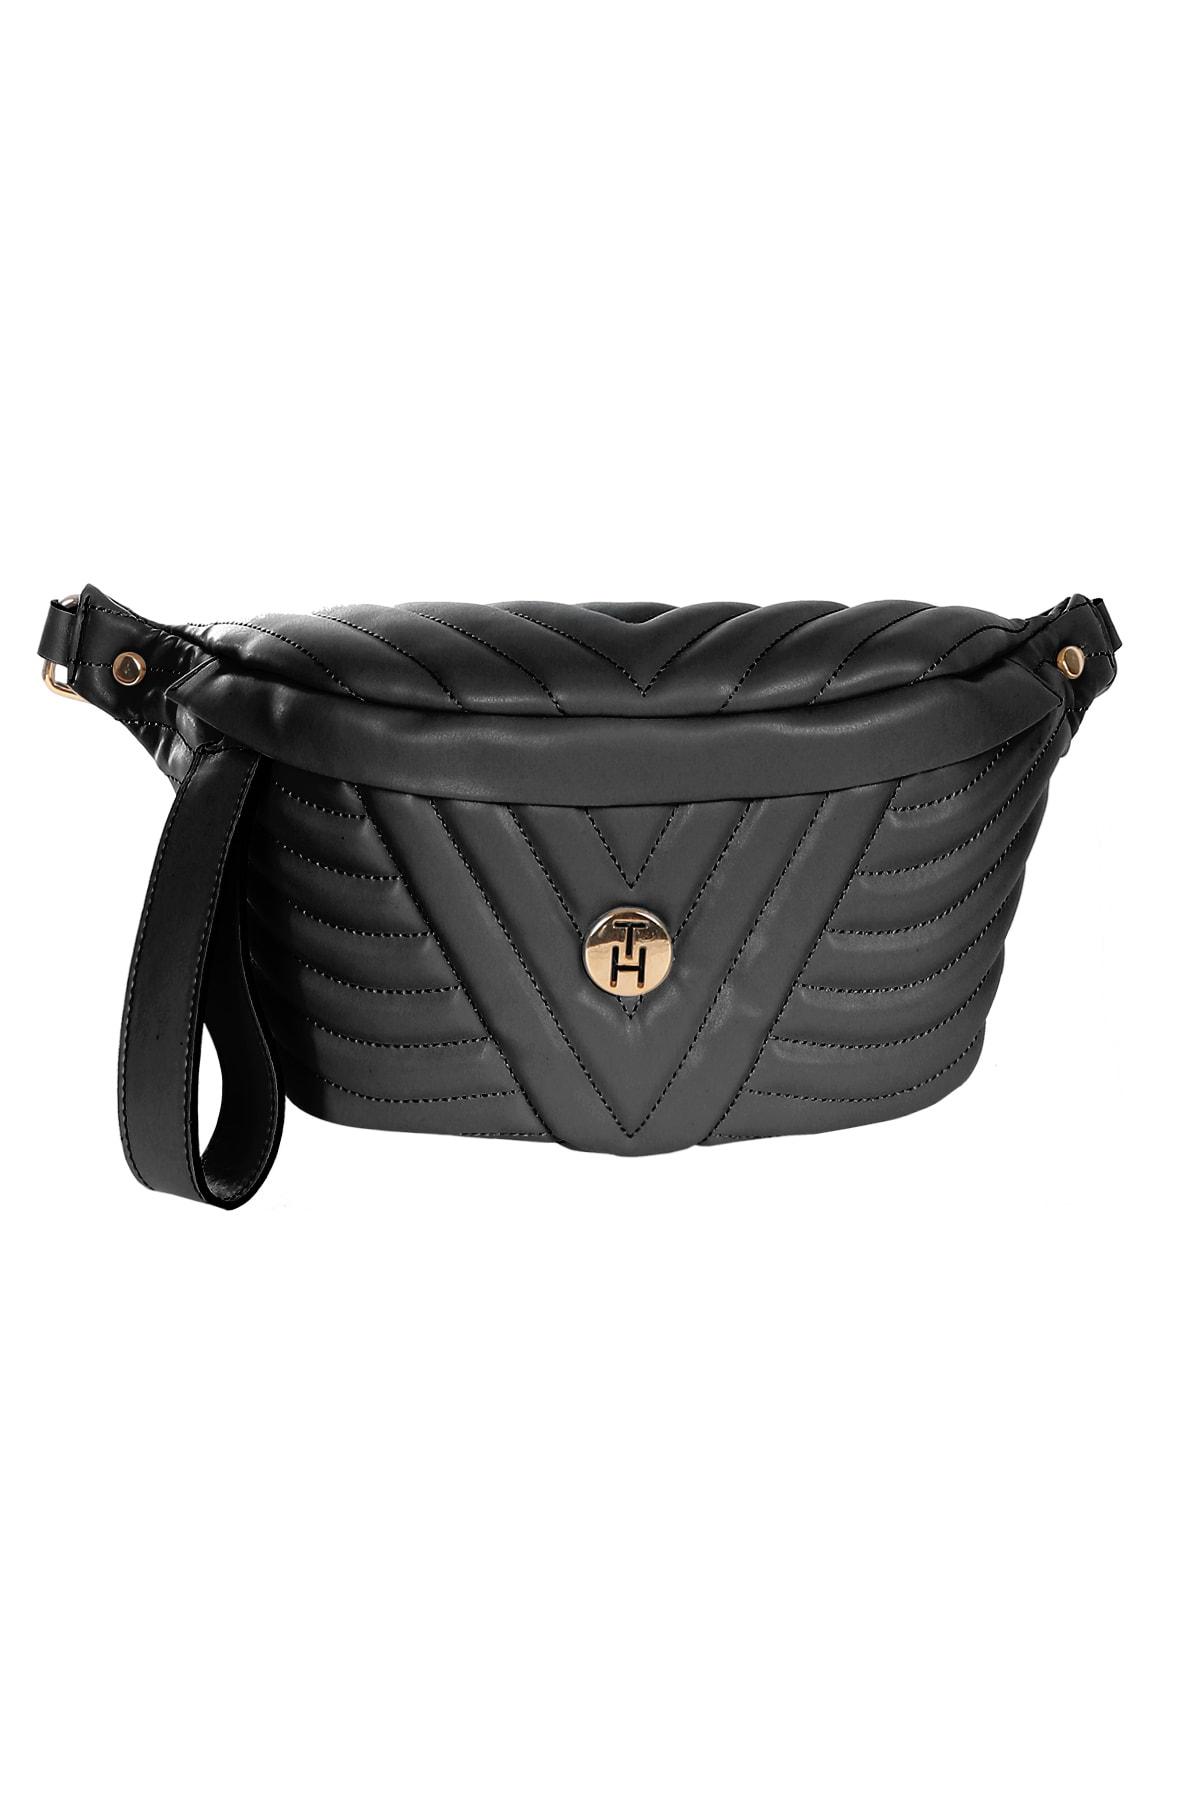 TH Bags Siyah Kadın Bel Çantası 0THCW2020328 1